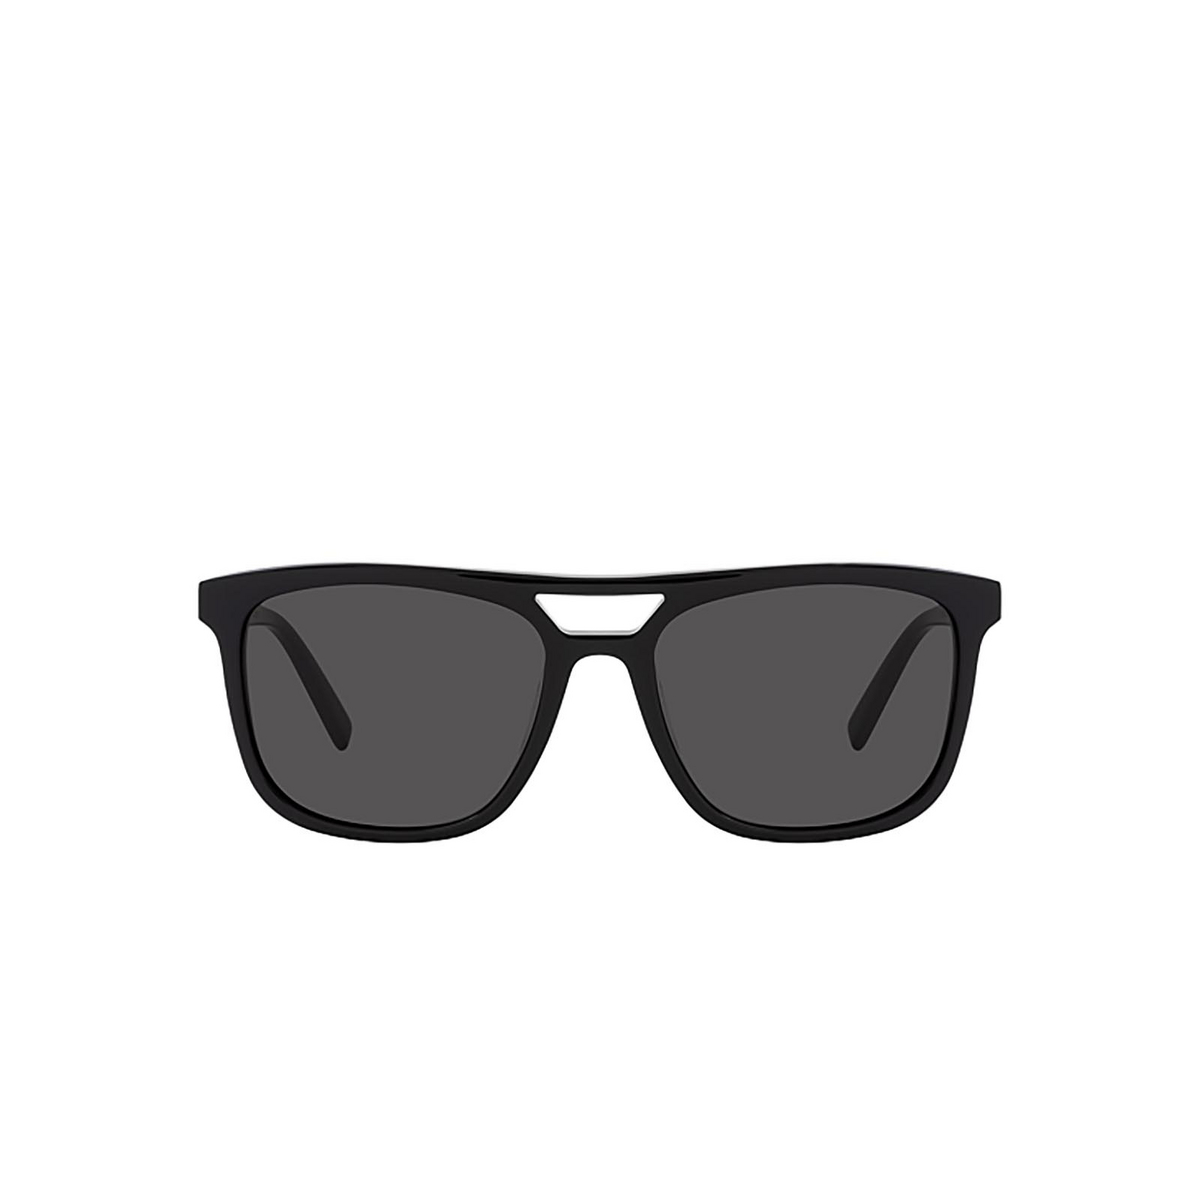 Saint Laurent® Square Sunglasses: SL 455 color Black 001 - front view.